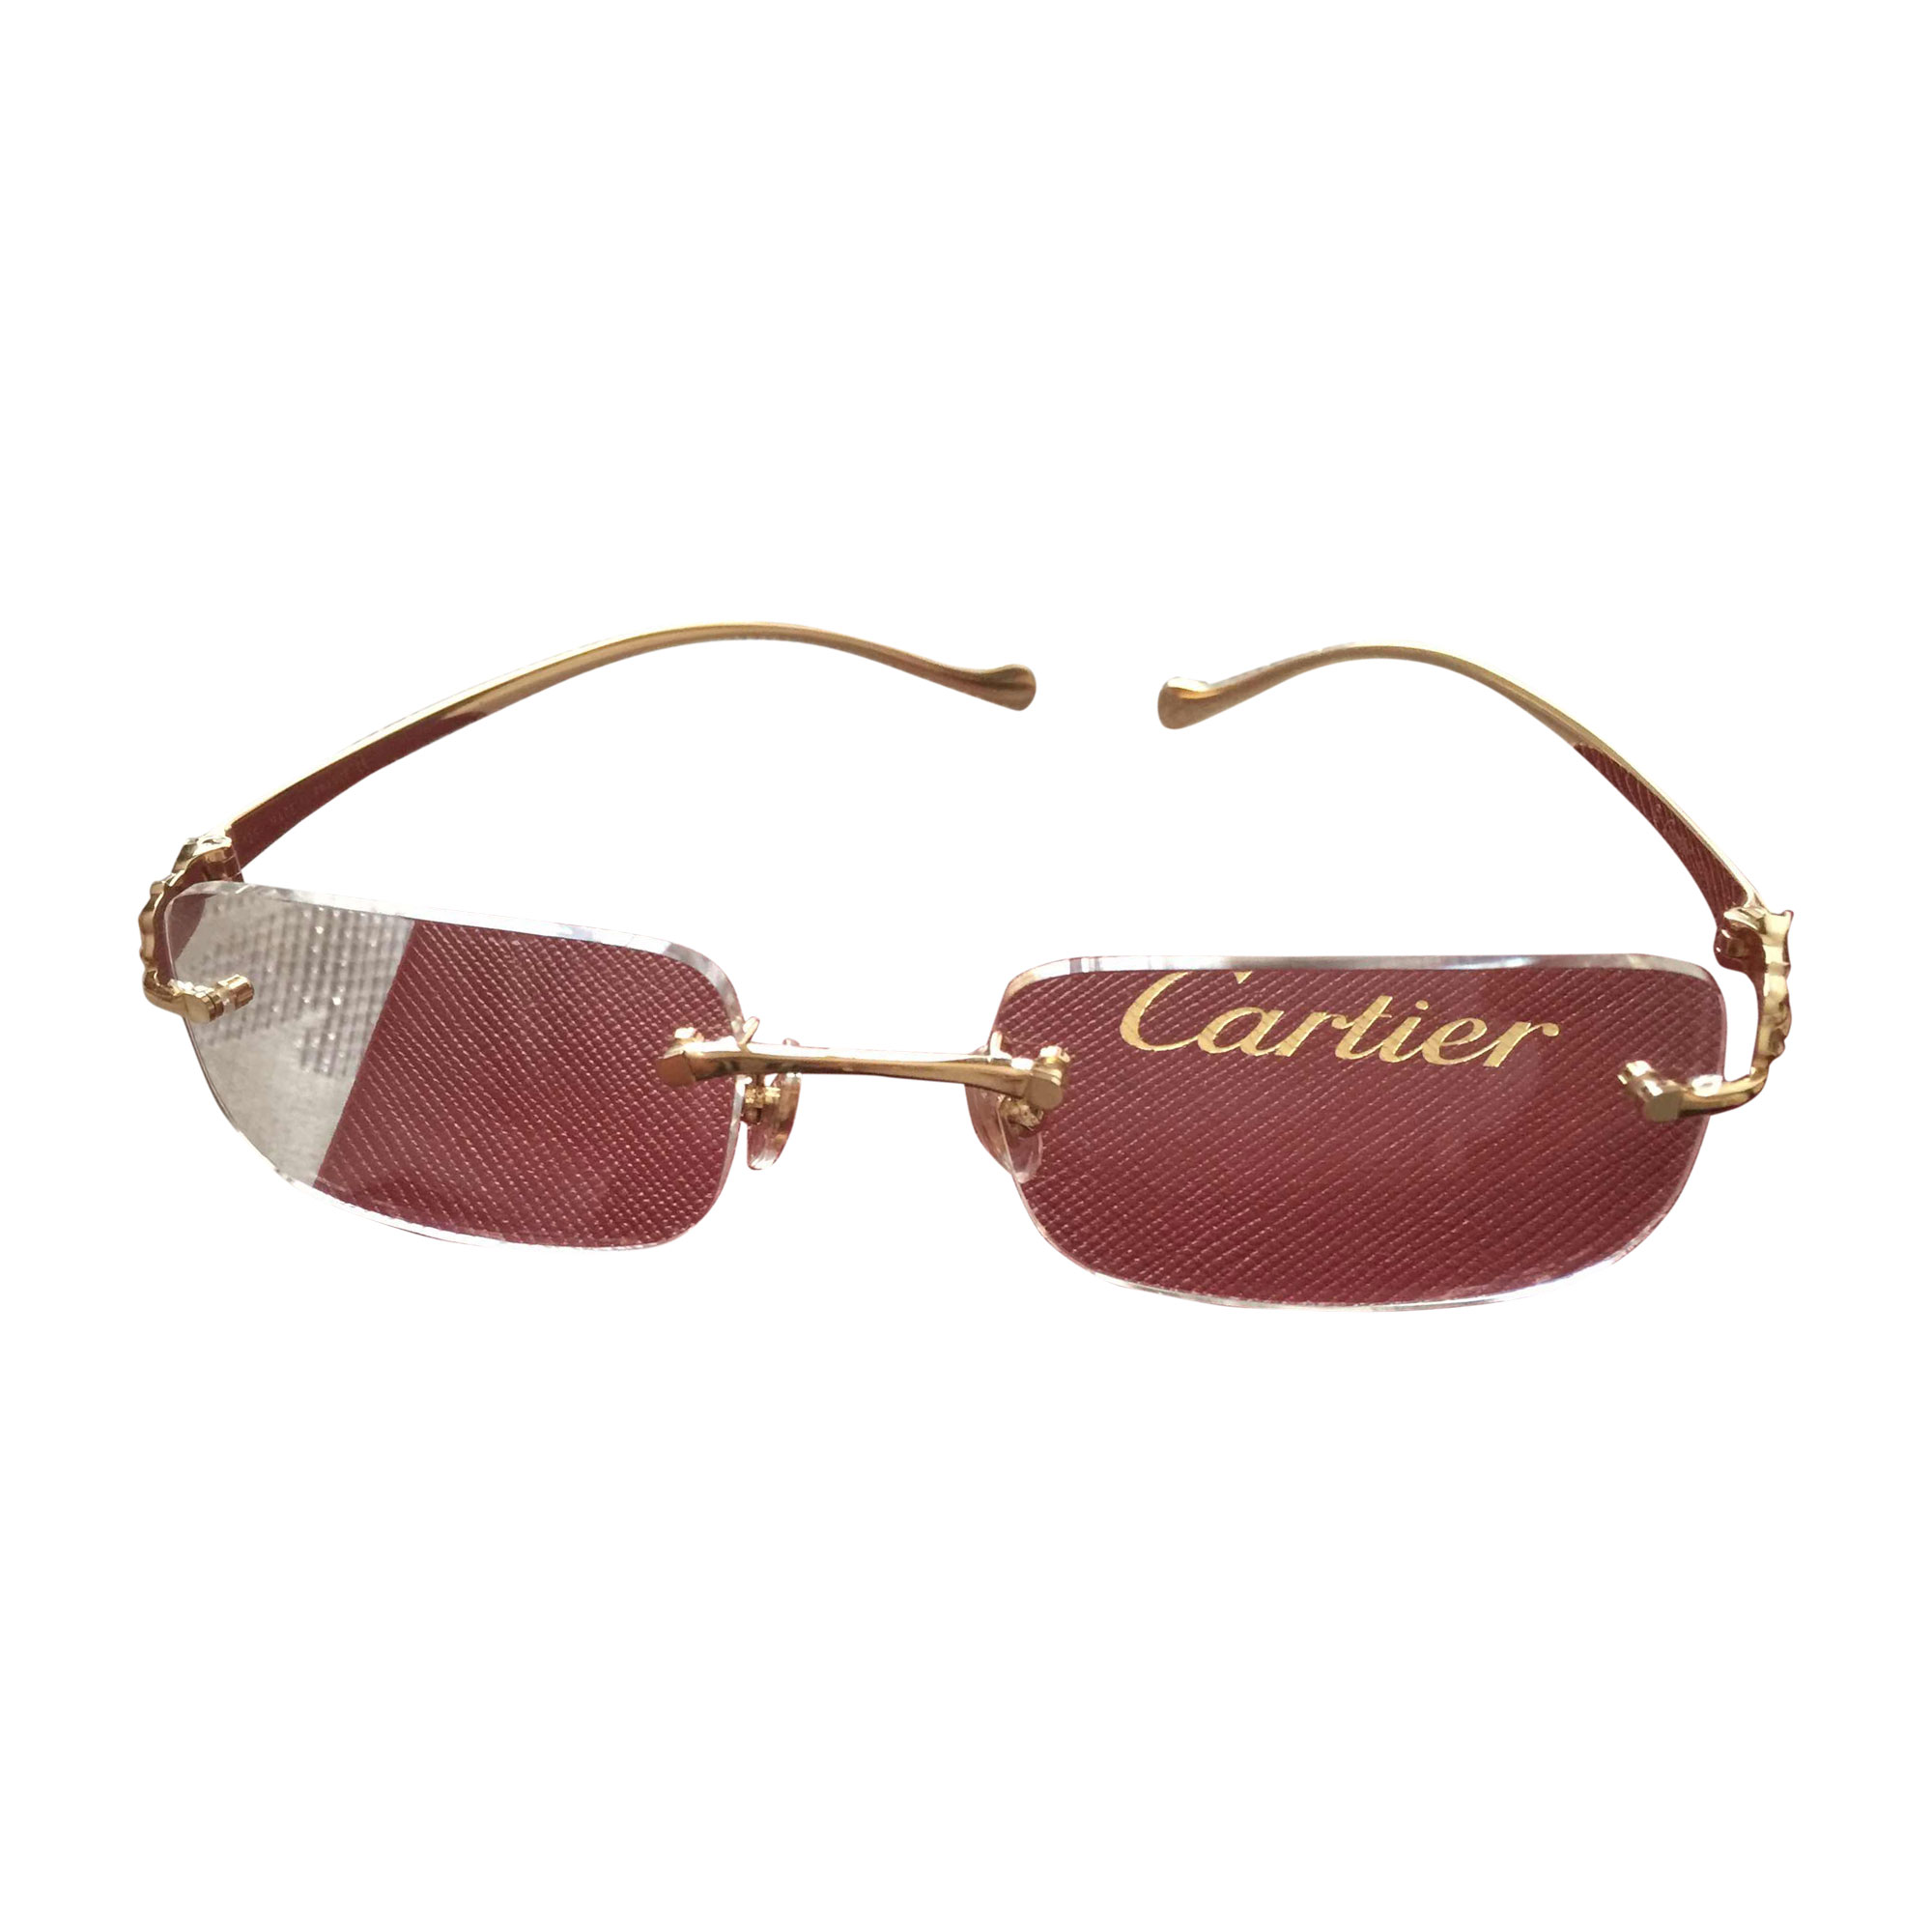 bca746d7cf8 Monture de lunettes CARTIER doré vendu par Alice 1967 - 5081631